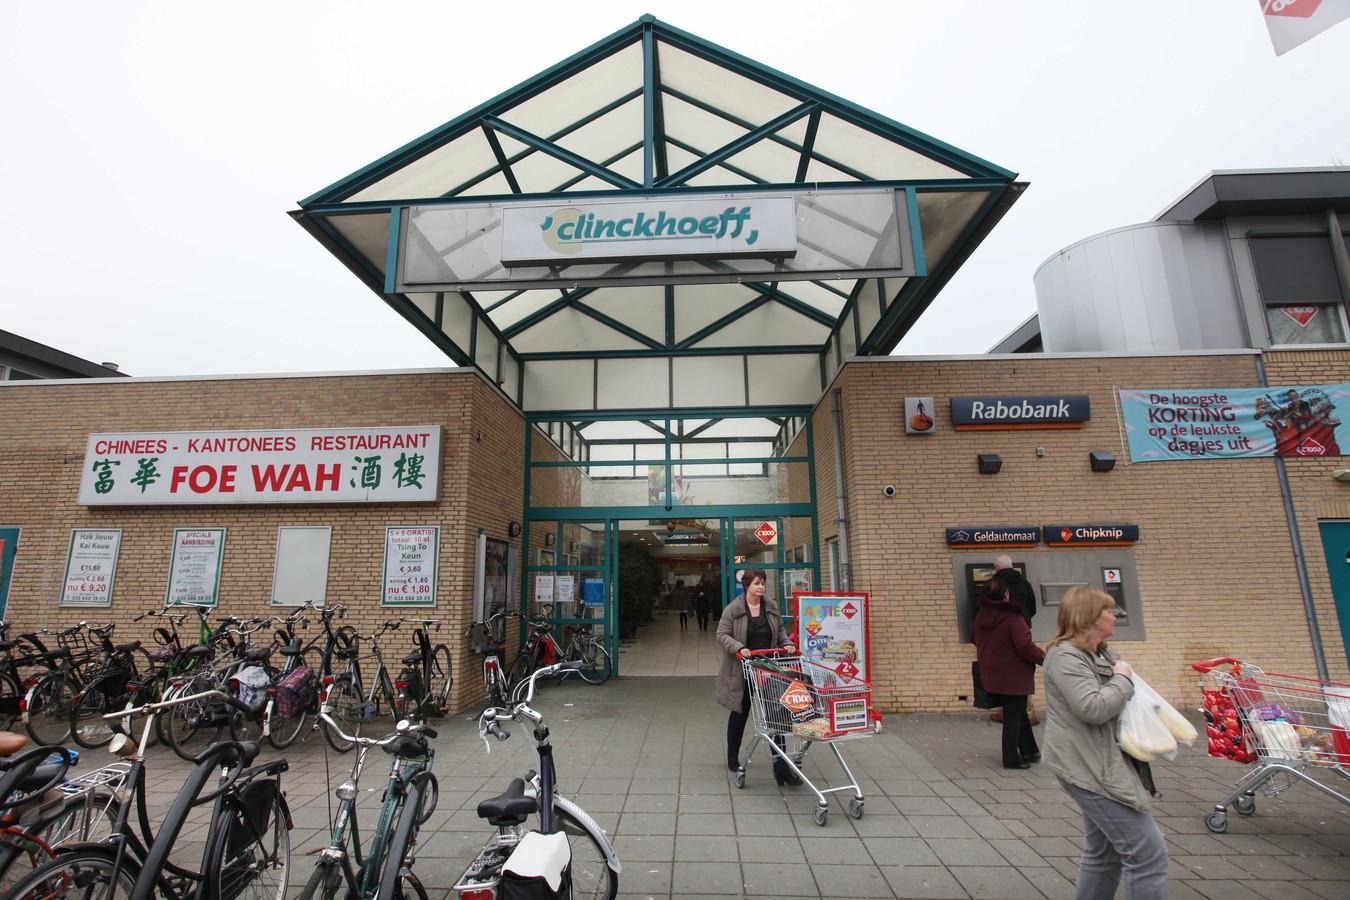 Winkelcentrum Clinckhoeff op een archieffoto.